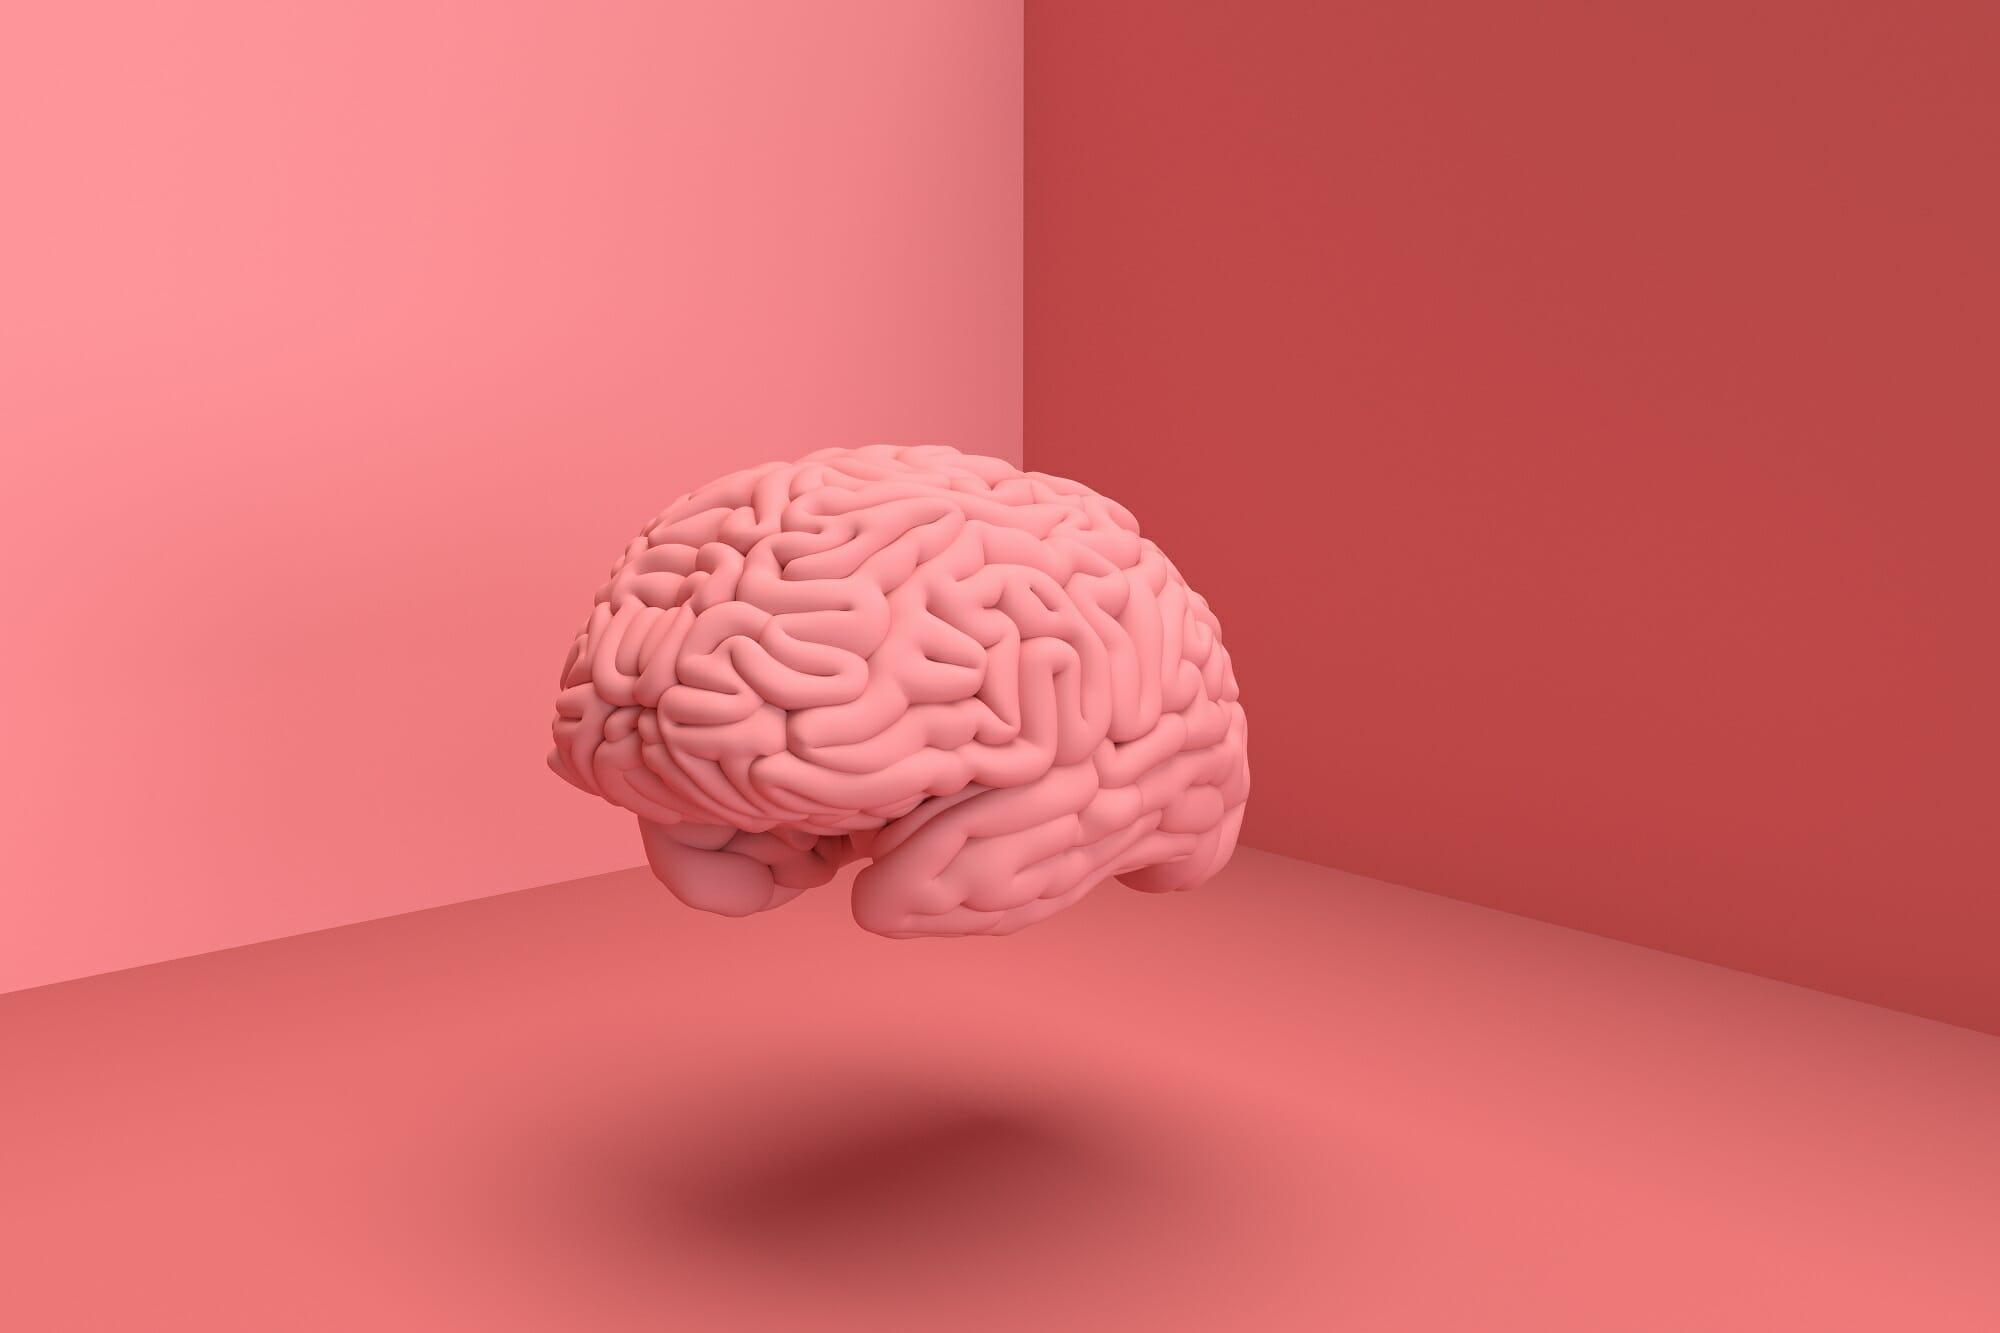 Cerebro qué es